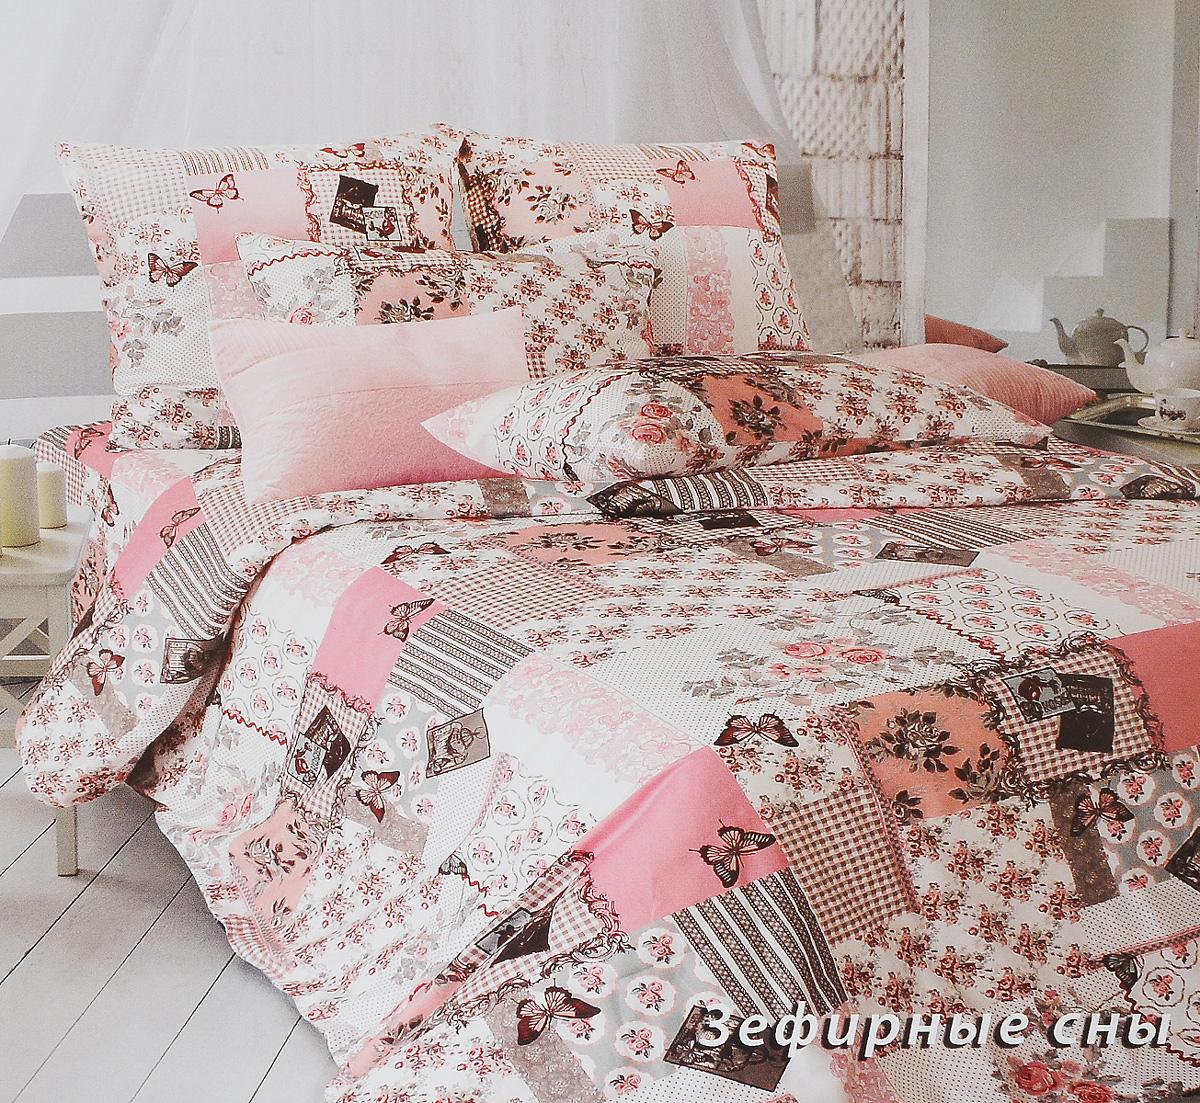 Комплект белья Tiffanys Secret Зефирные сны, 1,5-спальный, наволочки 70х70, цвет: розовый, белый, темно-коричневый4630003364517Комплект постельного белья Tiffanys Secret Зефирные сны является экологически безопасным для всей семьи, так как выполнен из сатина (100% хлопок). Комплект состоит из пододеяльника, простыни и двух наволочек. Предметы комплекта оформлены оригинальным рисунком.Благодаря такому комплекту постельного белья вы сможете создать атмосферу уюта и комфорта в вашей спальне.Сатин - это ткань, навсегда покорившая сердца человечества. Ценившие роскошь персы называли ее атлас, а искушенные в прекрасном французы - сатин. Секрет высококачественного сатина в безупречности всего технологического процесса. Эту благородную ткань делают только из отборной натуральной пряжи, которую получают из самого лучшего тонковолокнистого хлопка. Благодаря использованию самой тонкой хлопковой нити получается необычайно мягкое и нежное полотно. Сатиновое постельное белье превращает жаркие летние ночи в прохладные и освежающие, а холодные зимние - в теплые и согревающие. Сатин очень приятен на ощупь, постельное белье из него долговечно, выдерживает более 300 стирок, и лишь спустя долгое время материал начинает немного тускнеть. Оцените все достоинства постельного белья из сатина, выбирая самое лучшее для себя!